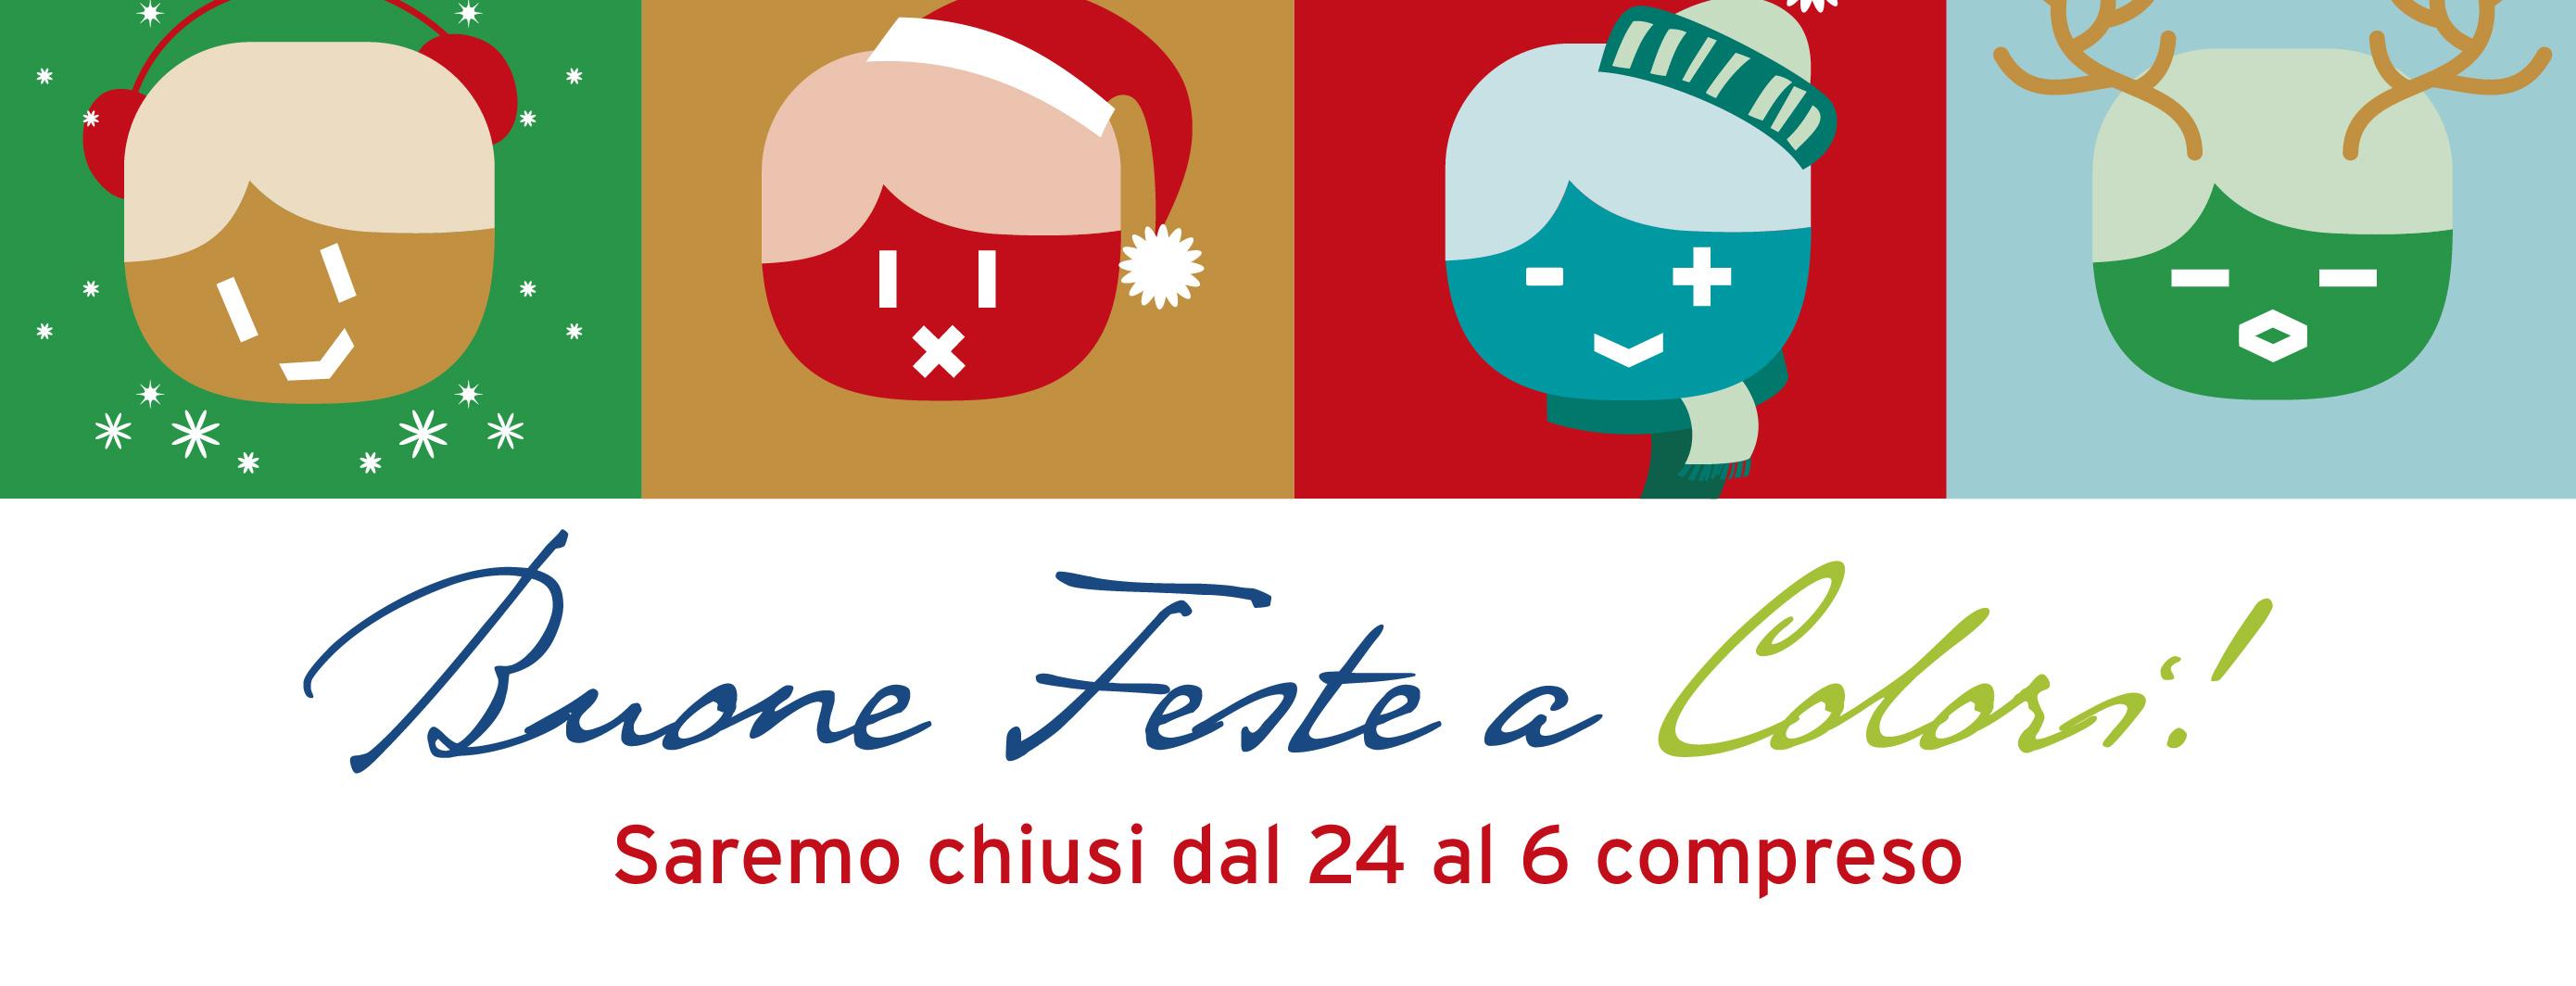 cartoncino-natale2018-01